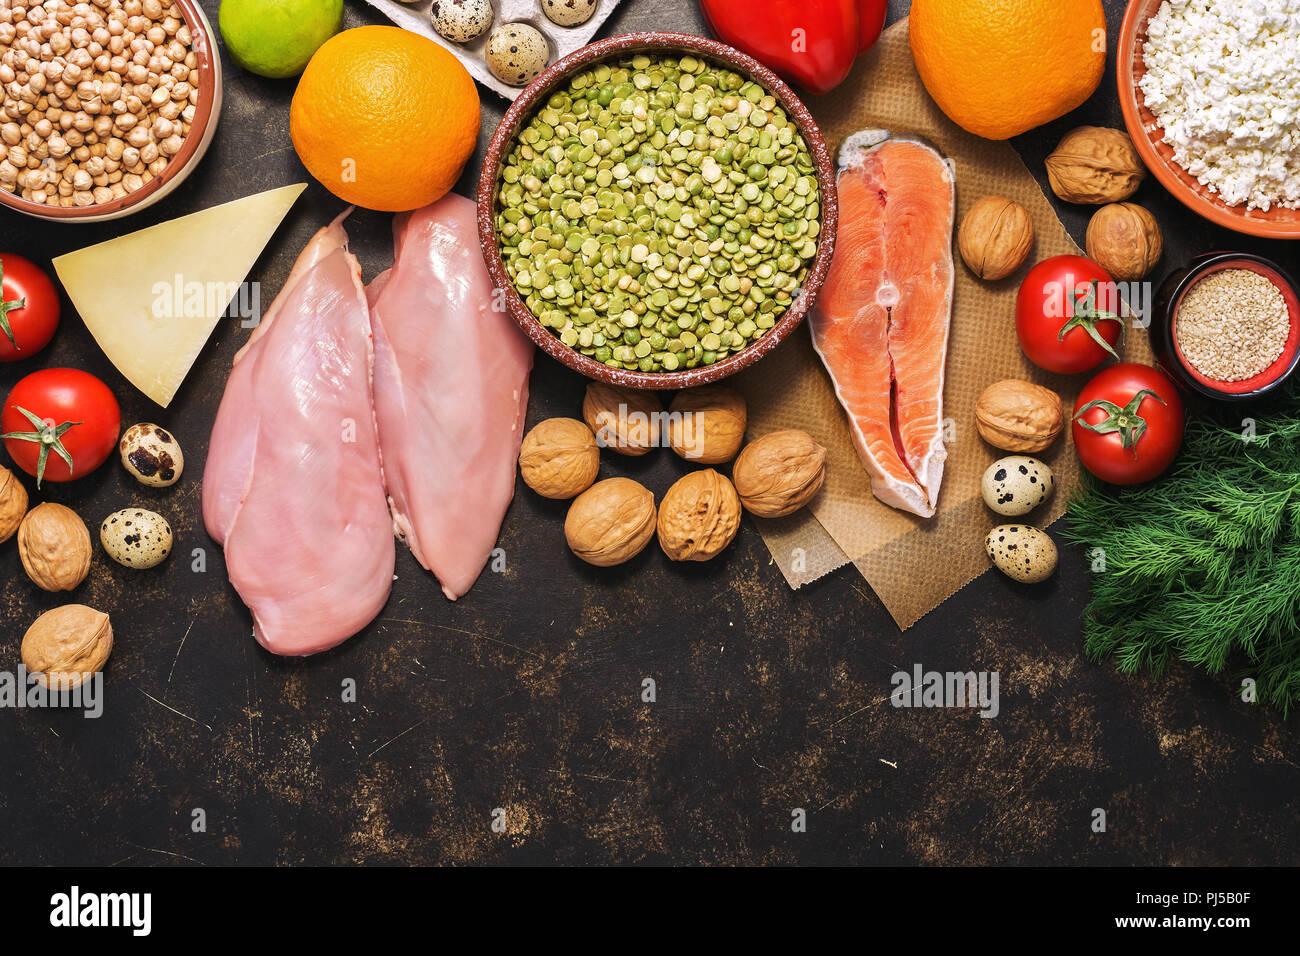 Un assortiment d'aliments sur un fond sombre. Légumes, fruits, poissons, volailles, produits laitiers, œufs, noix. Vue de dessus, de l'espace pour votre texte. Mise à plat Photo Stock